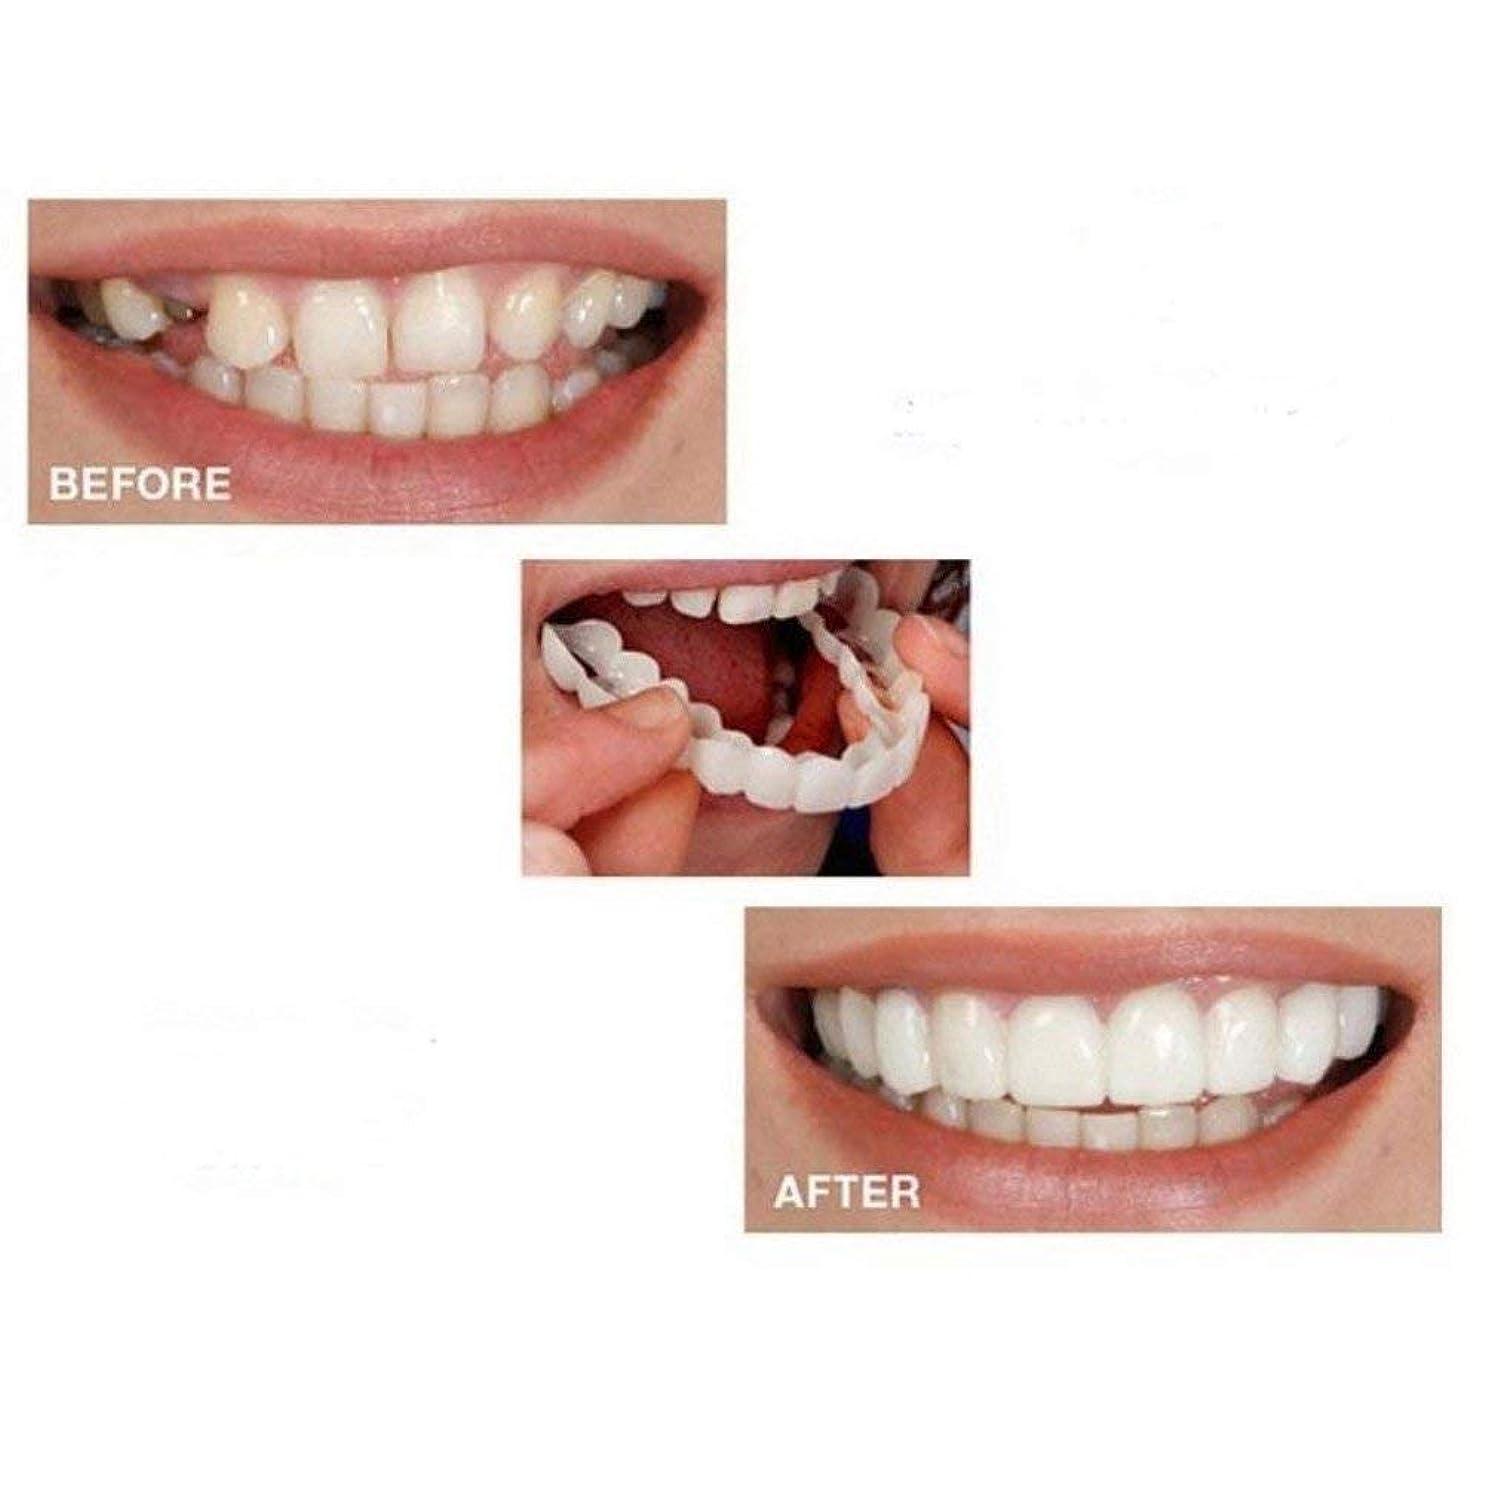 北方究極の。歯のベニアの6ペアは即座パーフェクトサスペンダー美白カバリング不規則な、ステンドグラス、行方不明ひび割れた歯にクリップされたスマイル